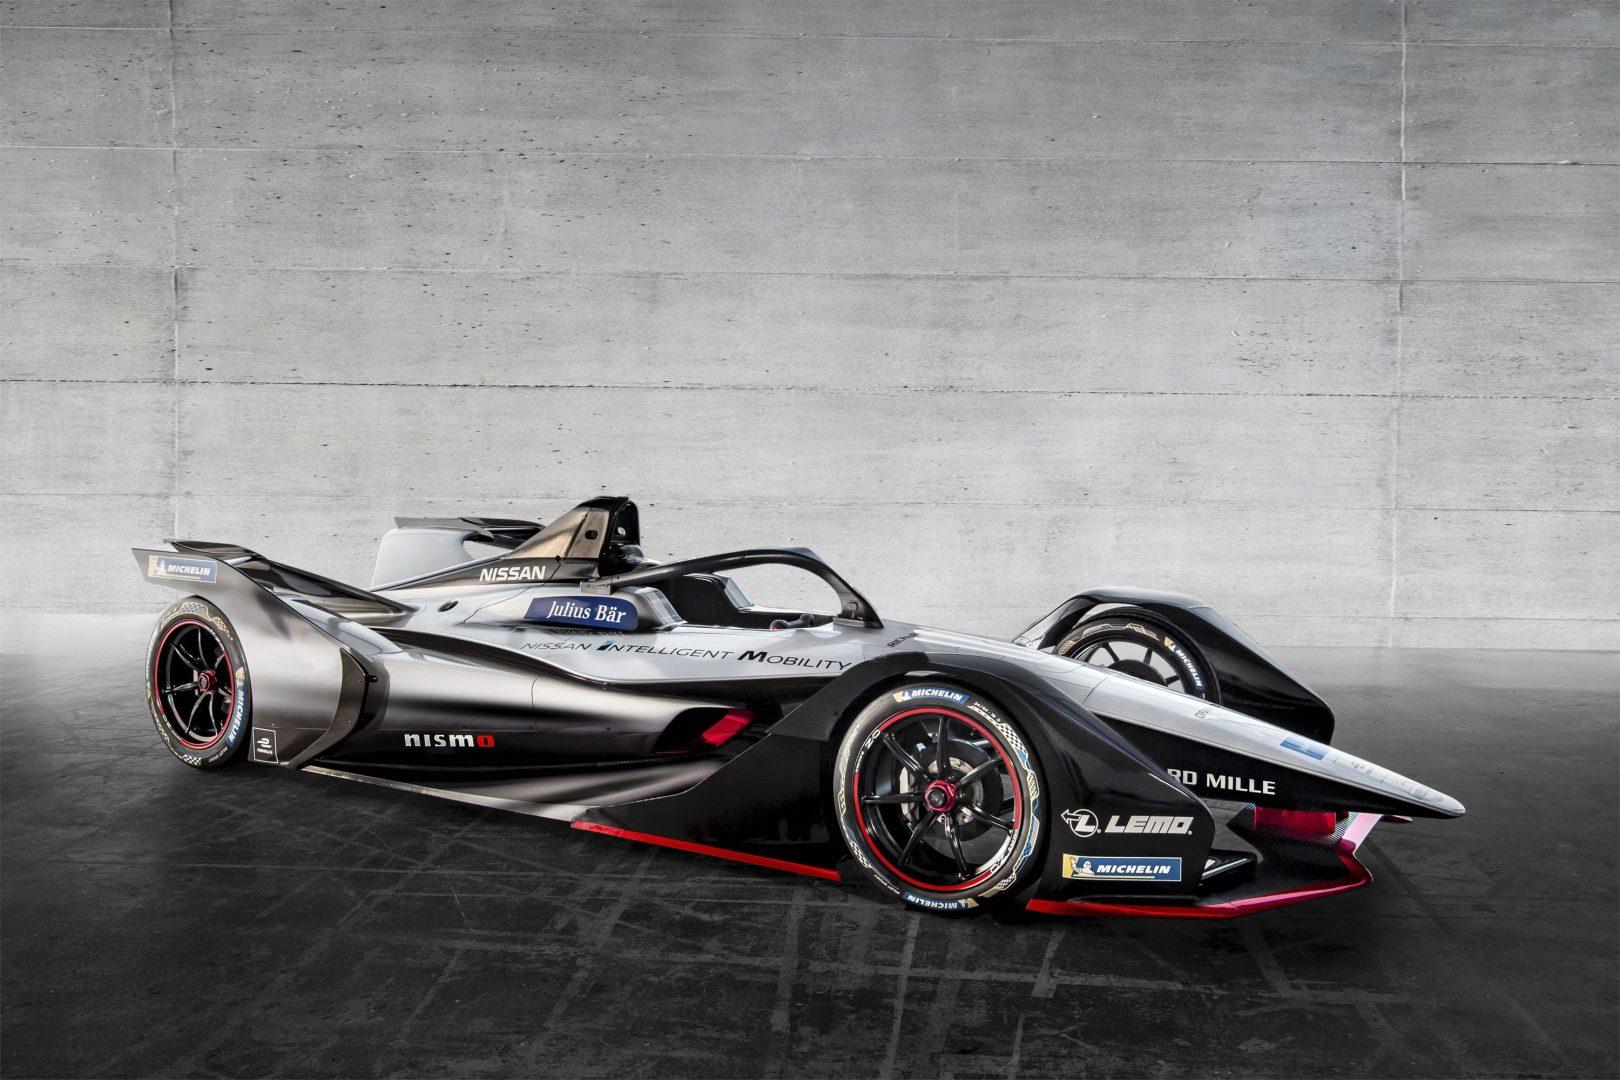 Nissan entra en la formula E y Renault se centra en F1